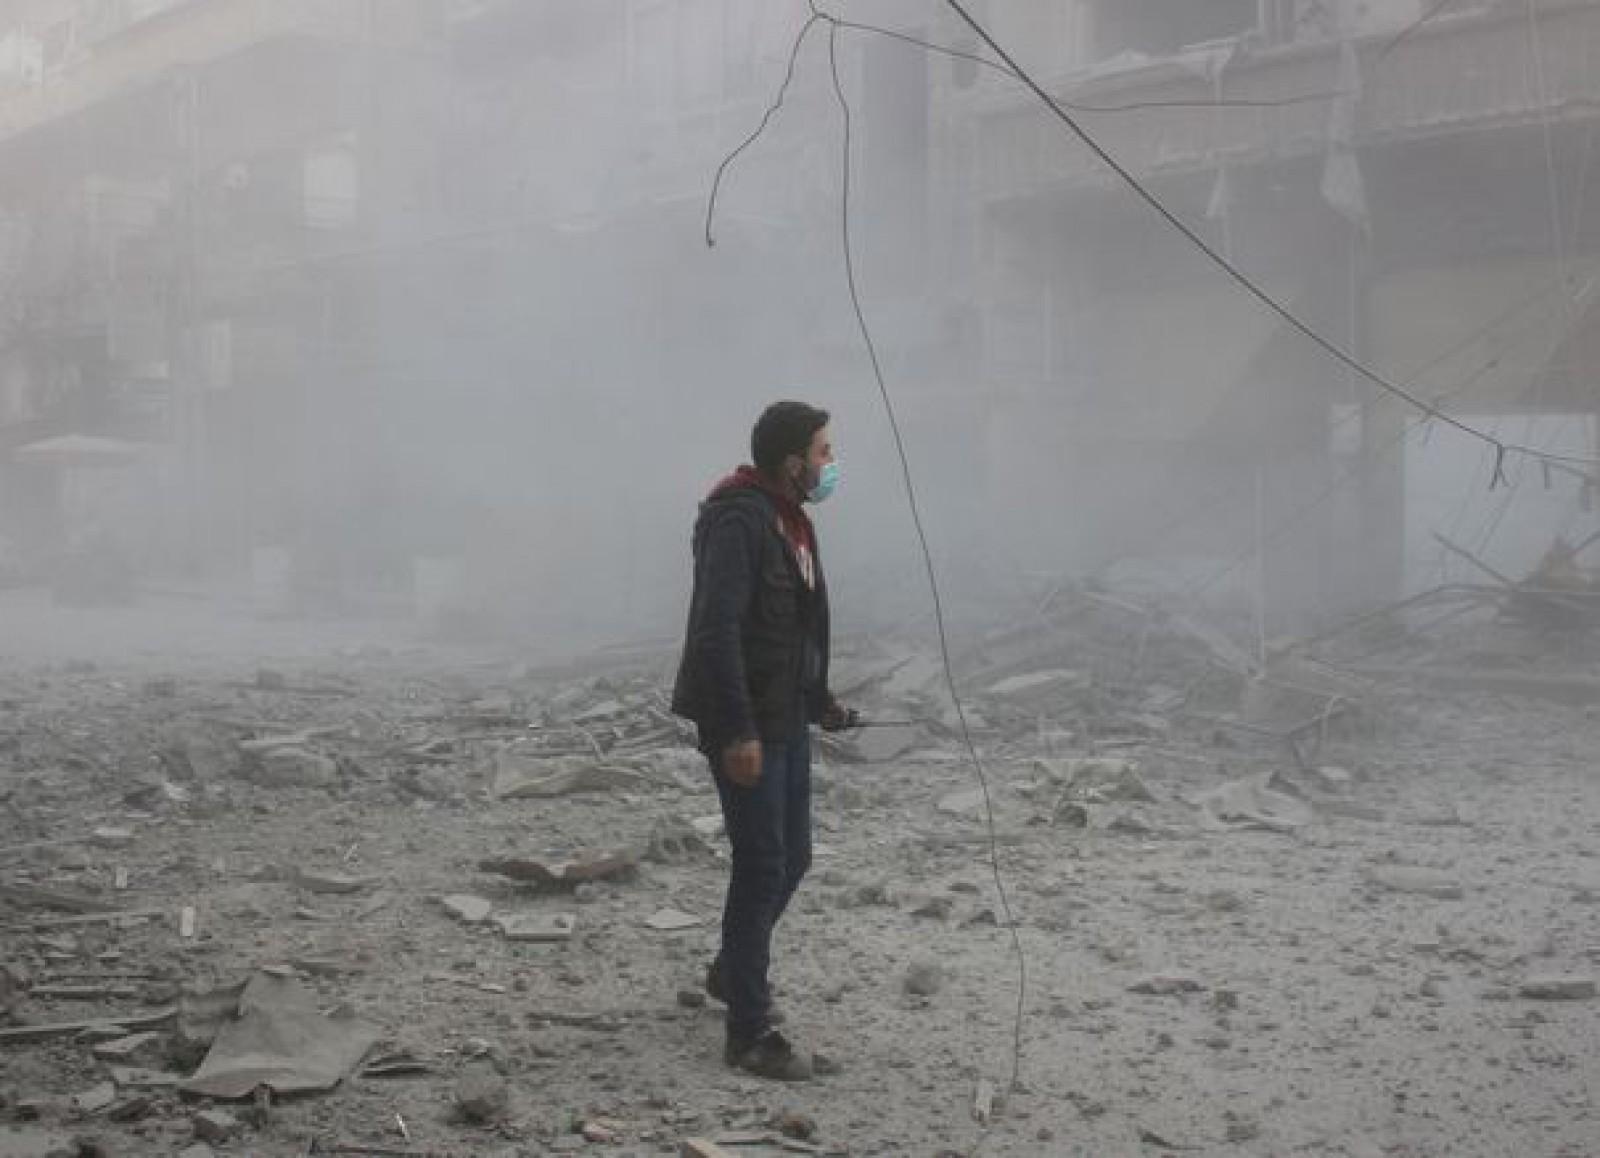 Atac chimic în Siria soldat cu cel puţin 70 de morţi. Donald Trump: Rusia şi Iranul sunt responsabile pentru sprijinirea animalului Assad